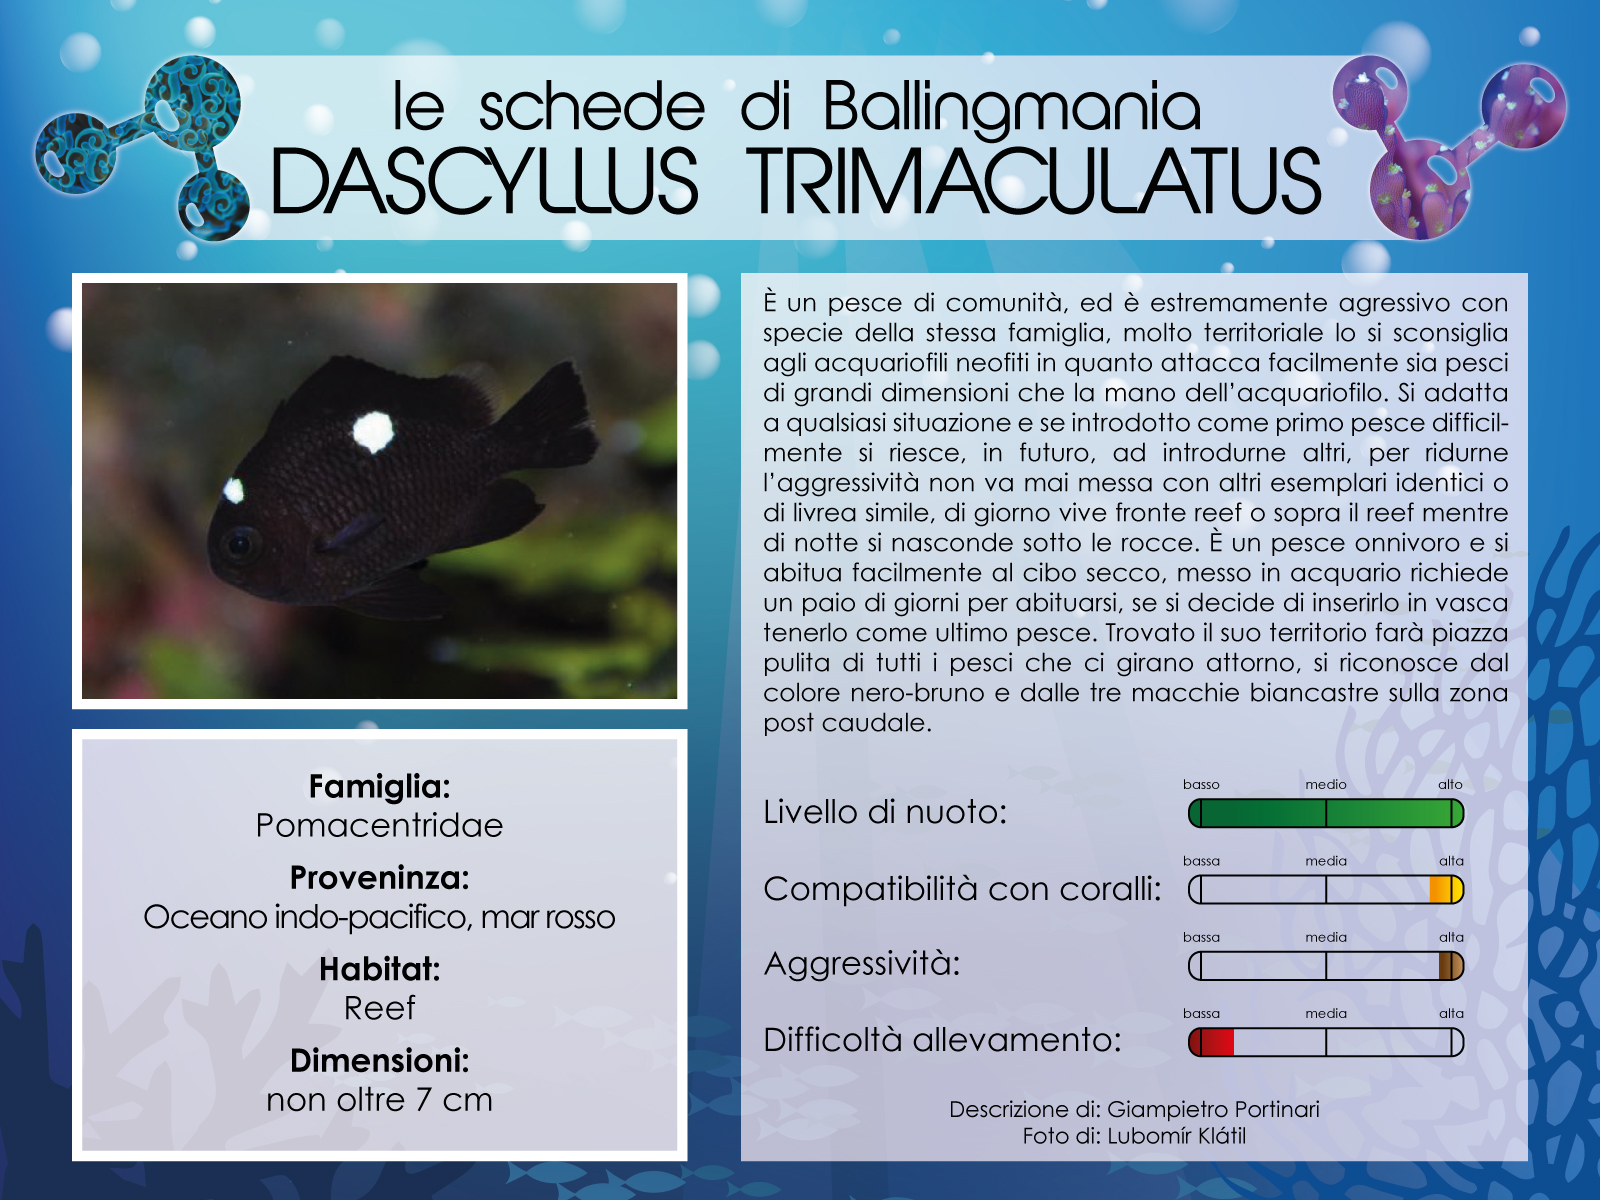 Dascyllus Trimaculatus